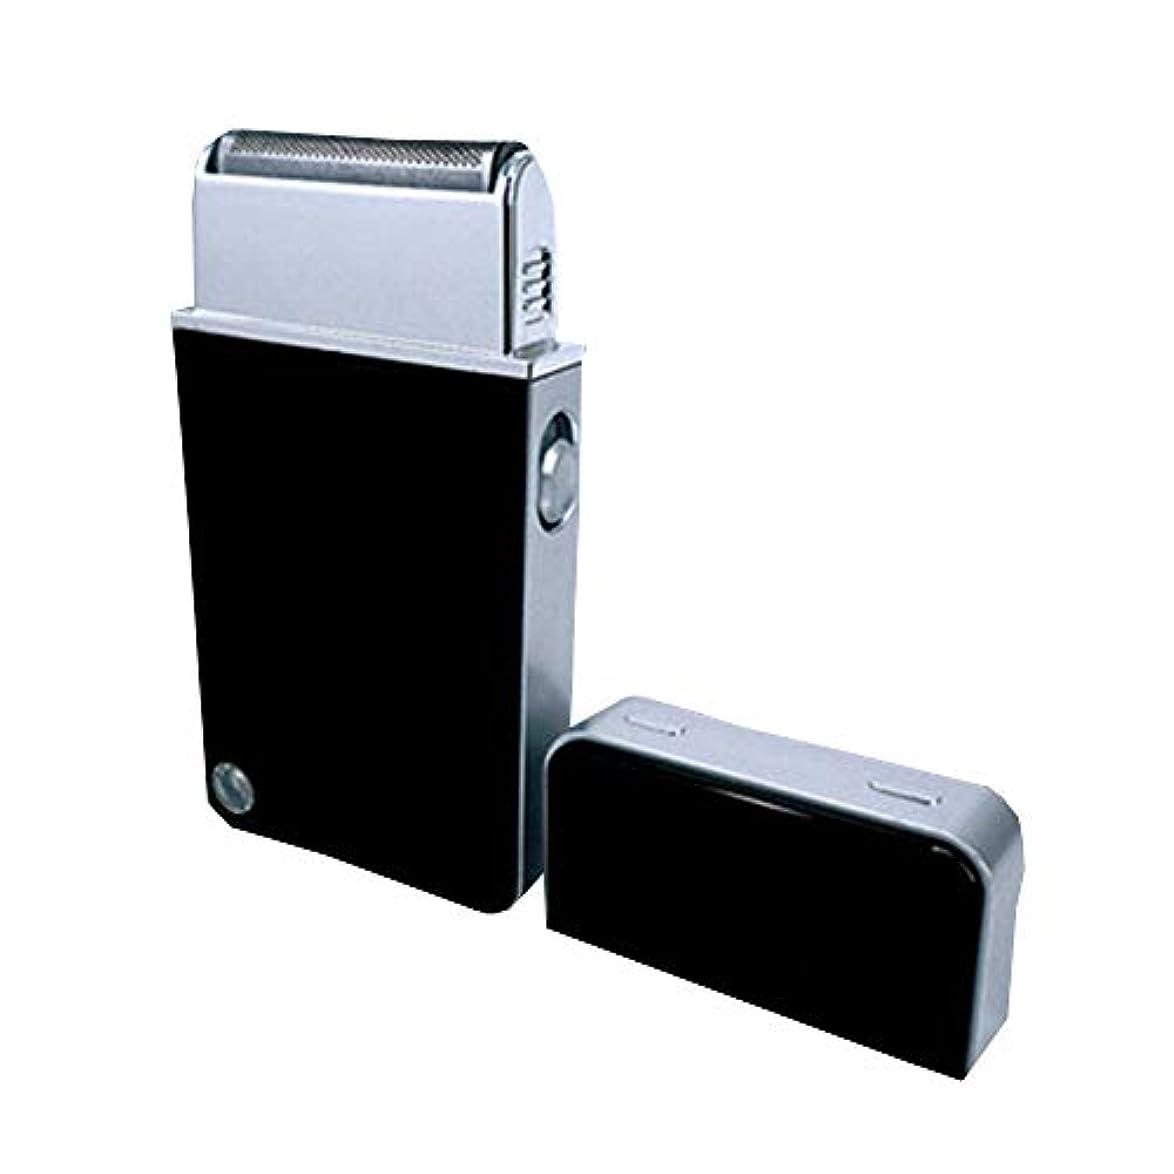 動力学習字再生メンズシェーバー USB充電式 電気シェーバー ひげ剃り コンパクト 携帯用シェーバー 旅行用 軽量 ギフトCSH004